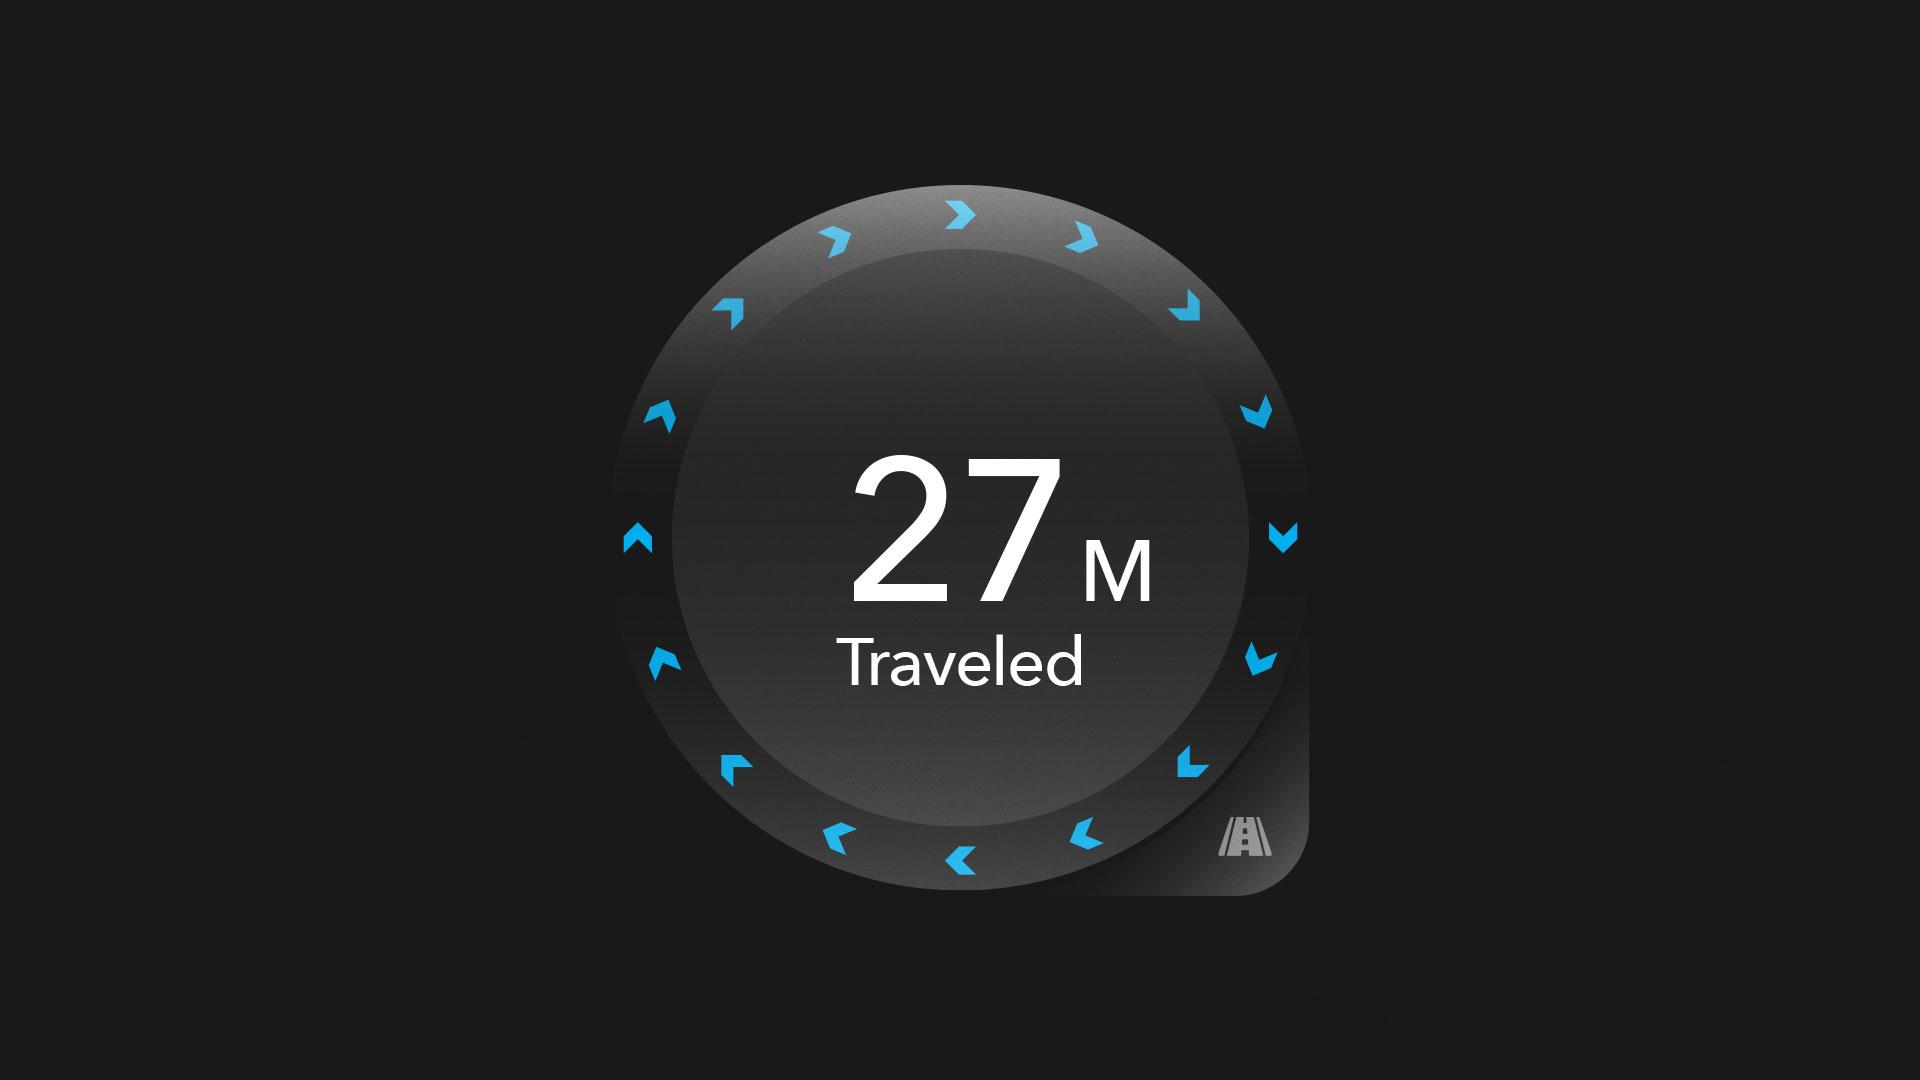 b15_meters_traveled.jpg